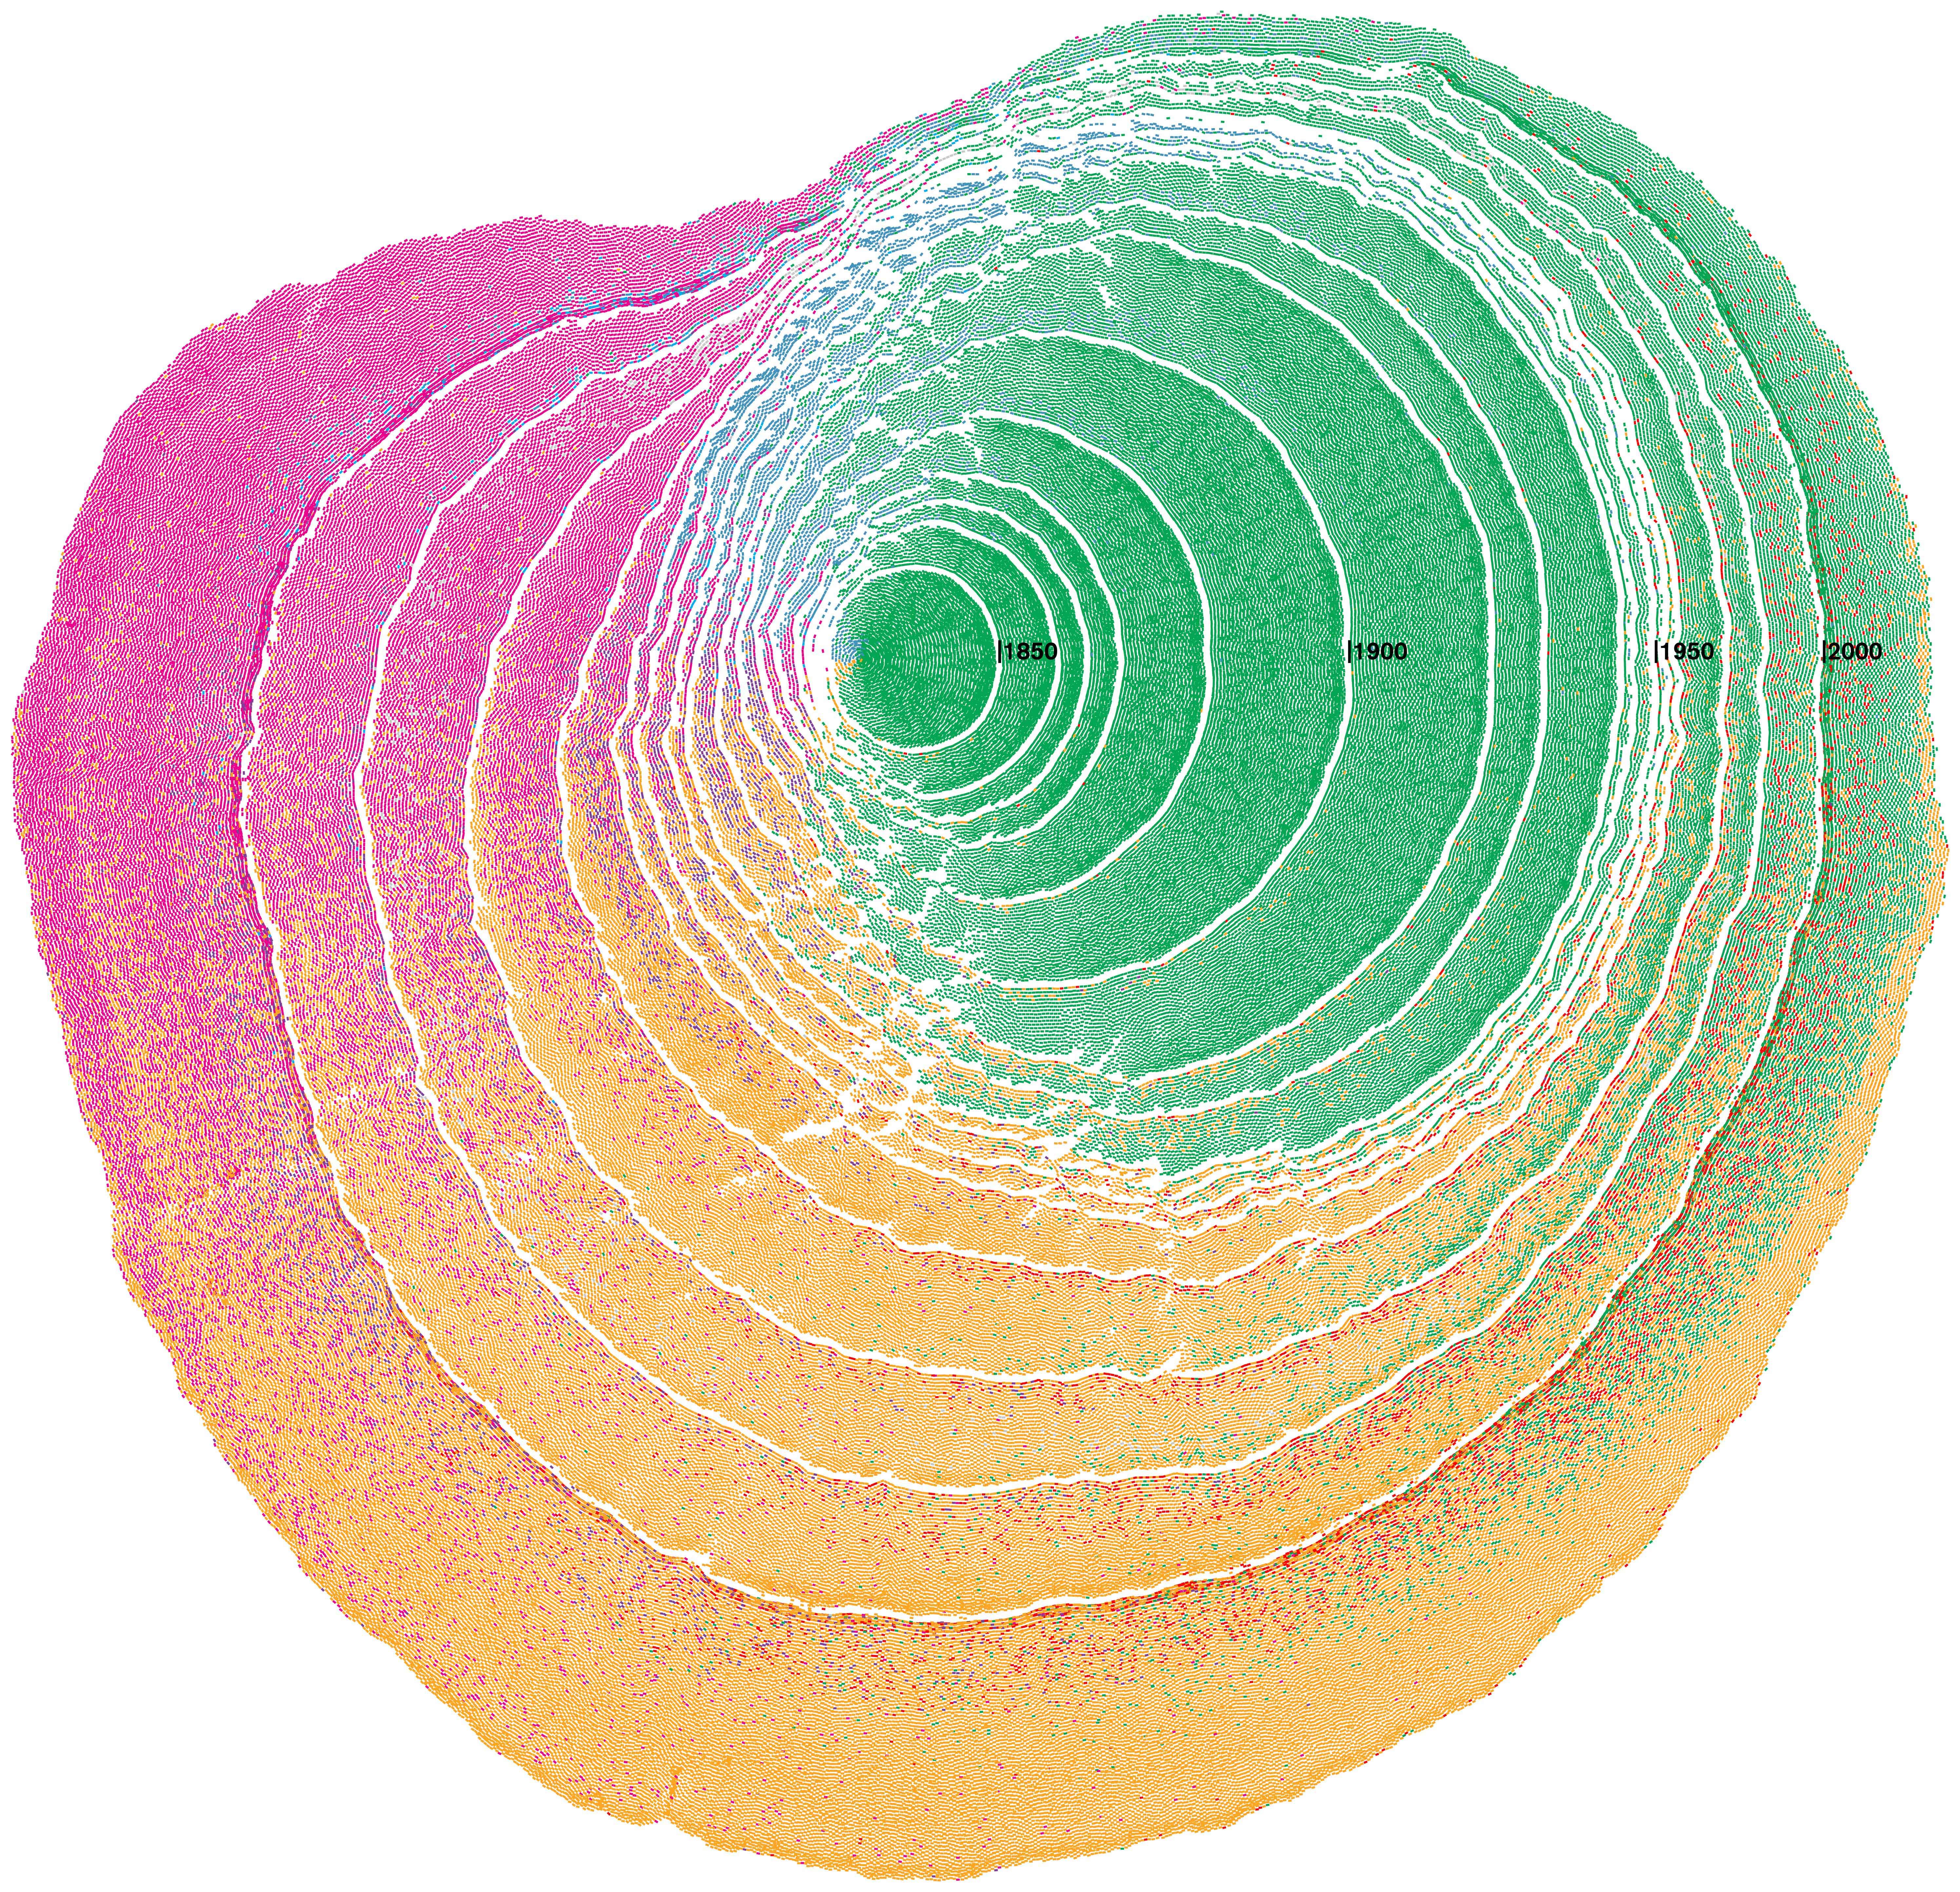 Os padrões de imigração para os Estados Unidos são visualizados como anéis de árvores.